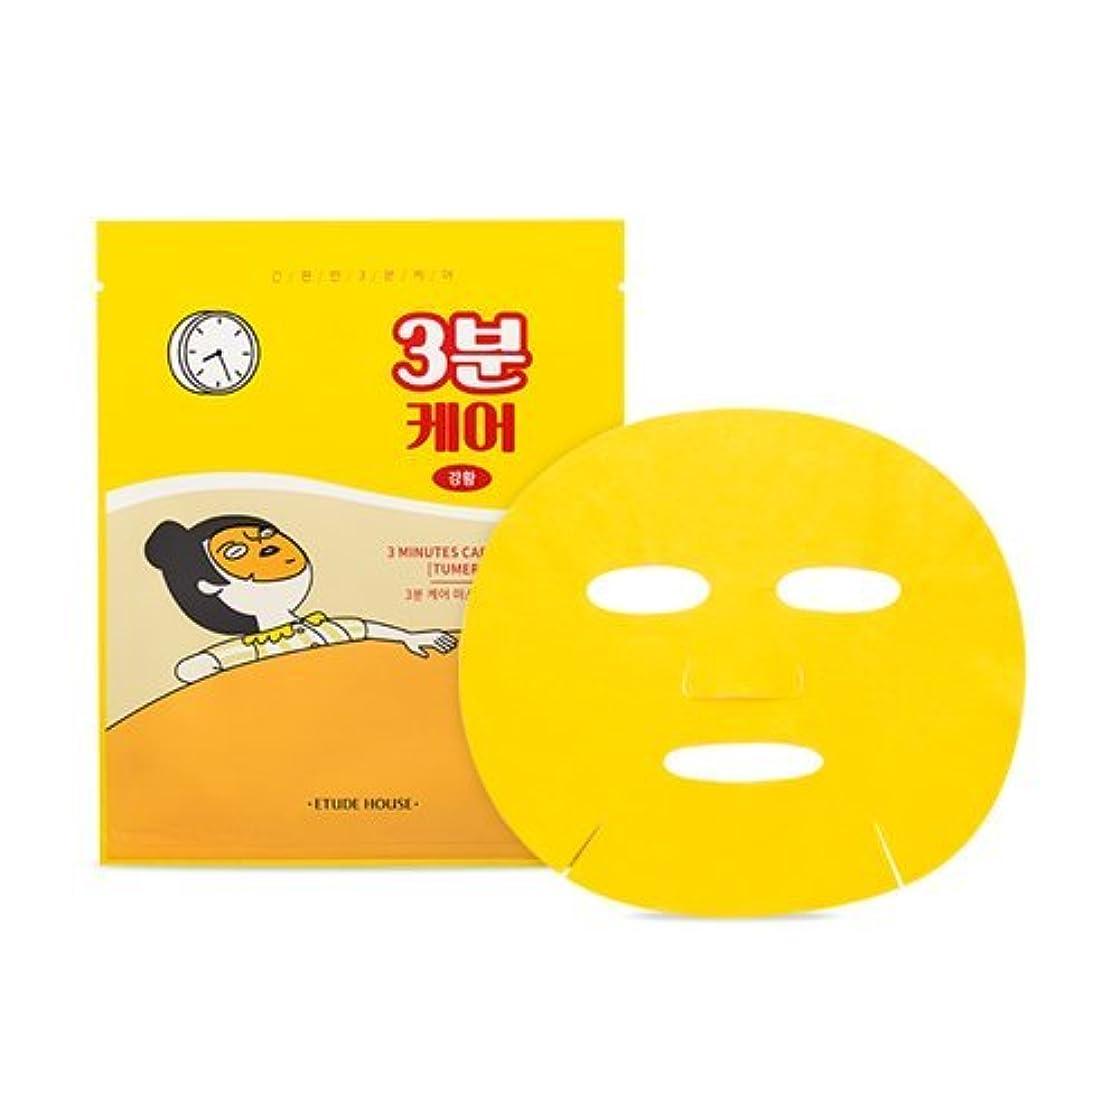 視線不明瞭複合エチュードハウス 3分ケア マスク[ ウコン ] 5枚/ETUDE HOUSE 3 Minutes Care Mask [TUMERIC] 23g*5EA